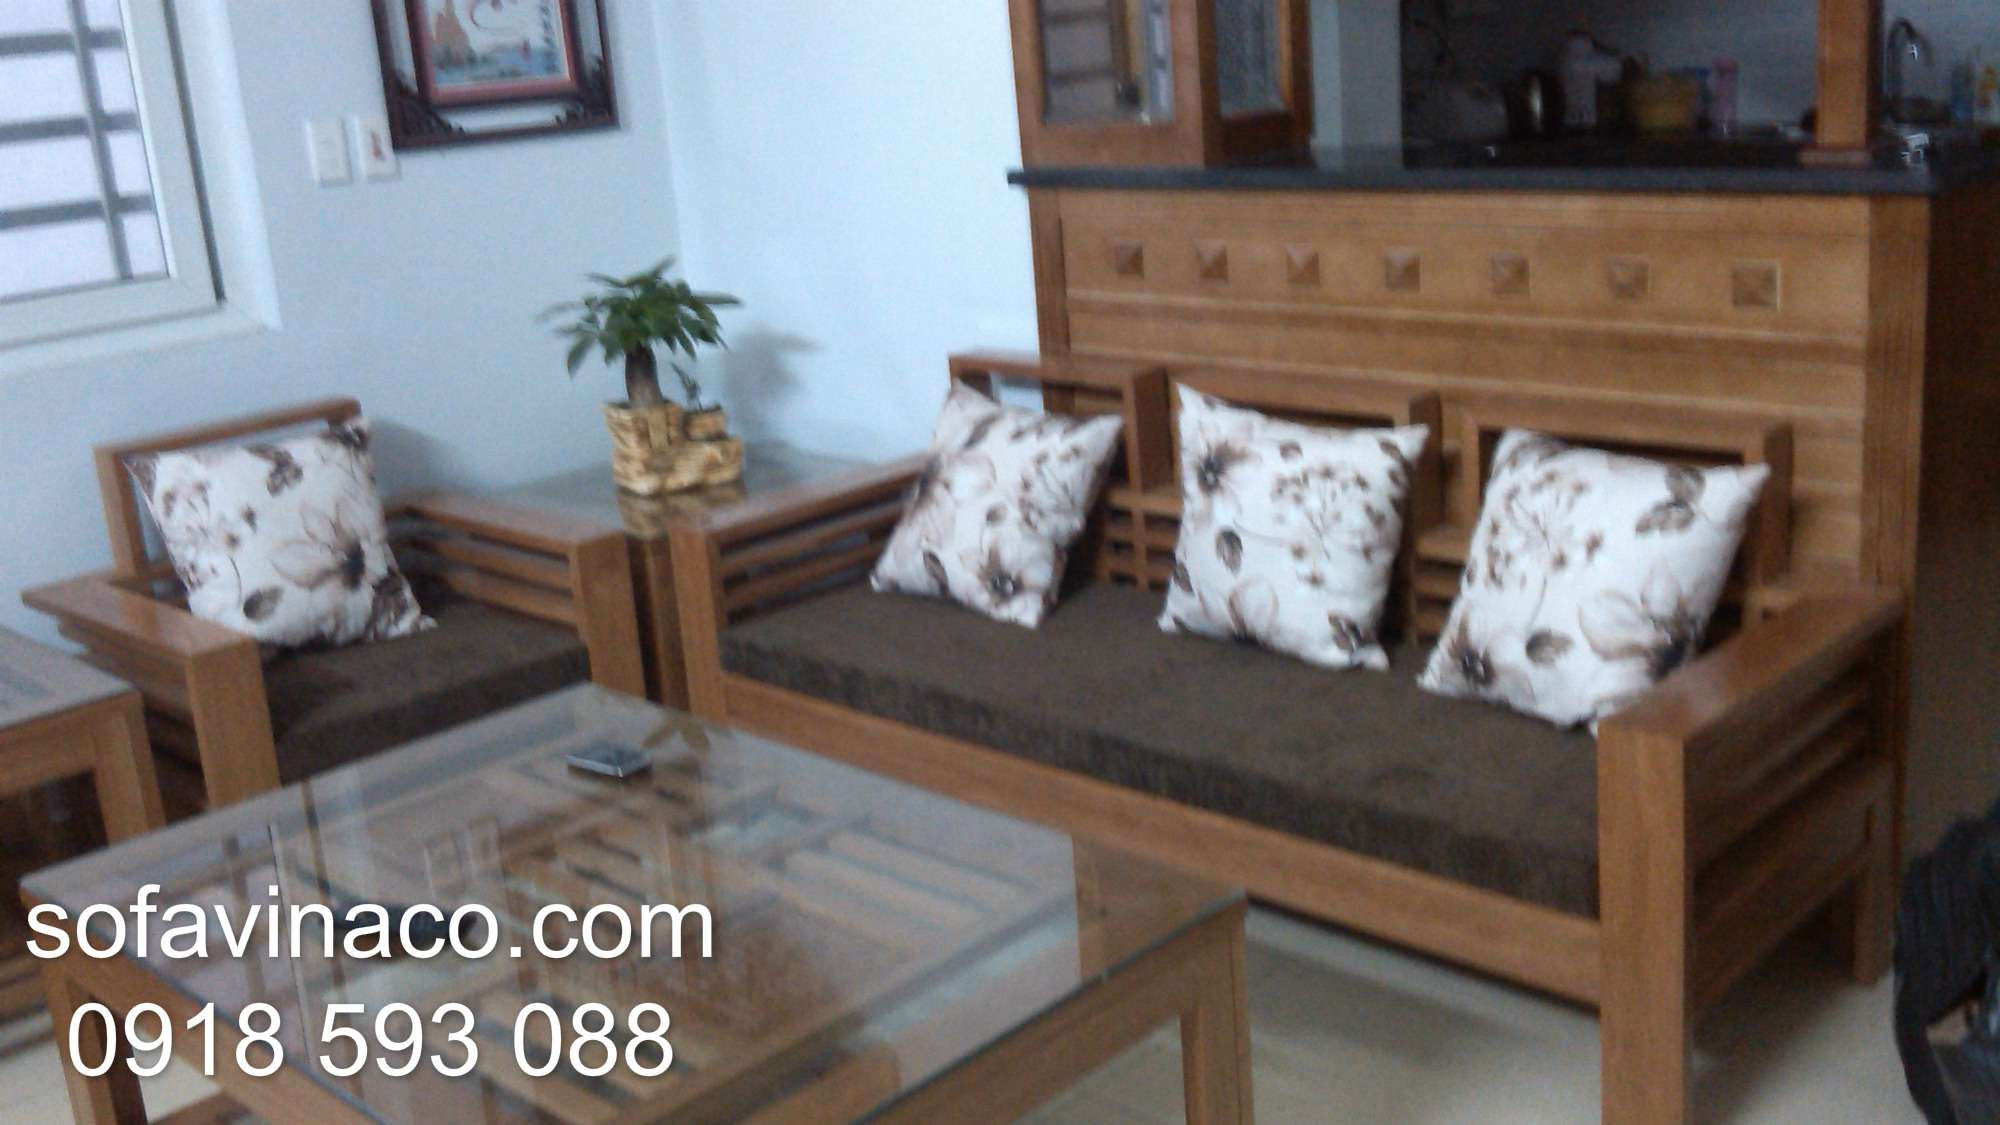 Làm đệm ghế gỗ nhà Chị Linh Ngọc Hồi